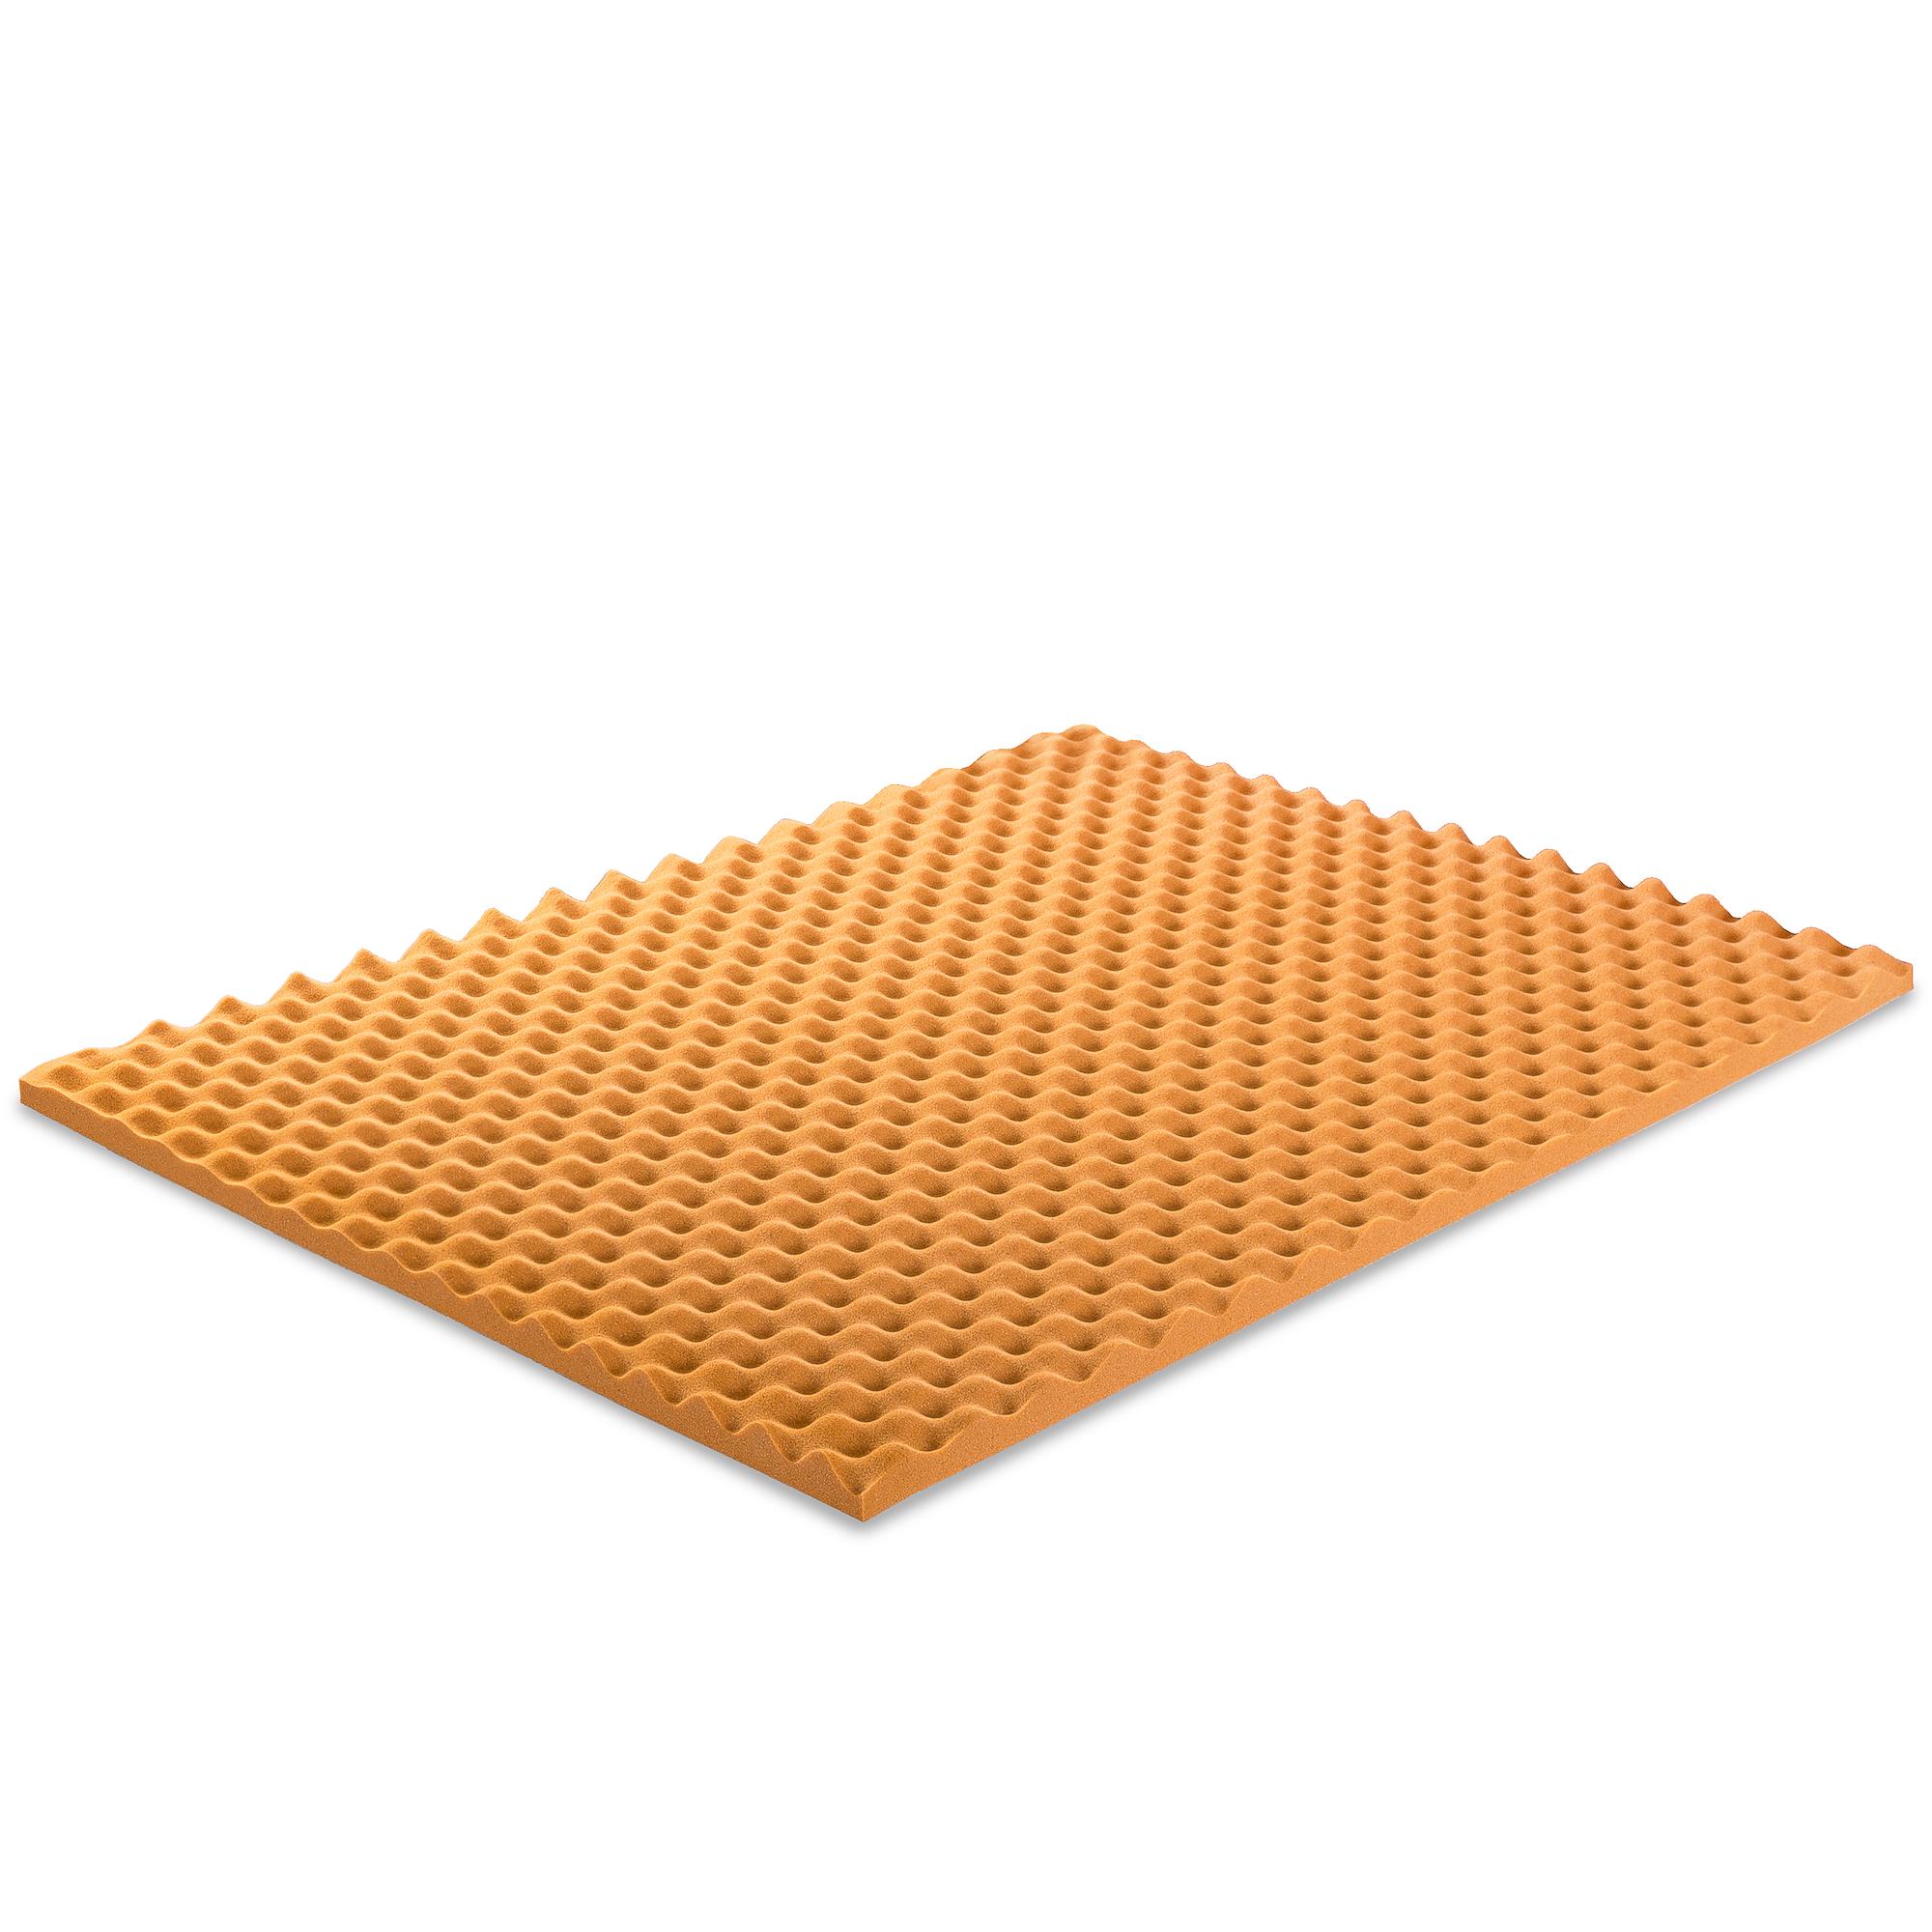 Zinus Queen Double 4cm Cool Copper Memory Foam Mattress